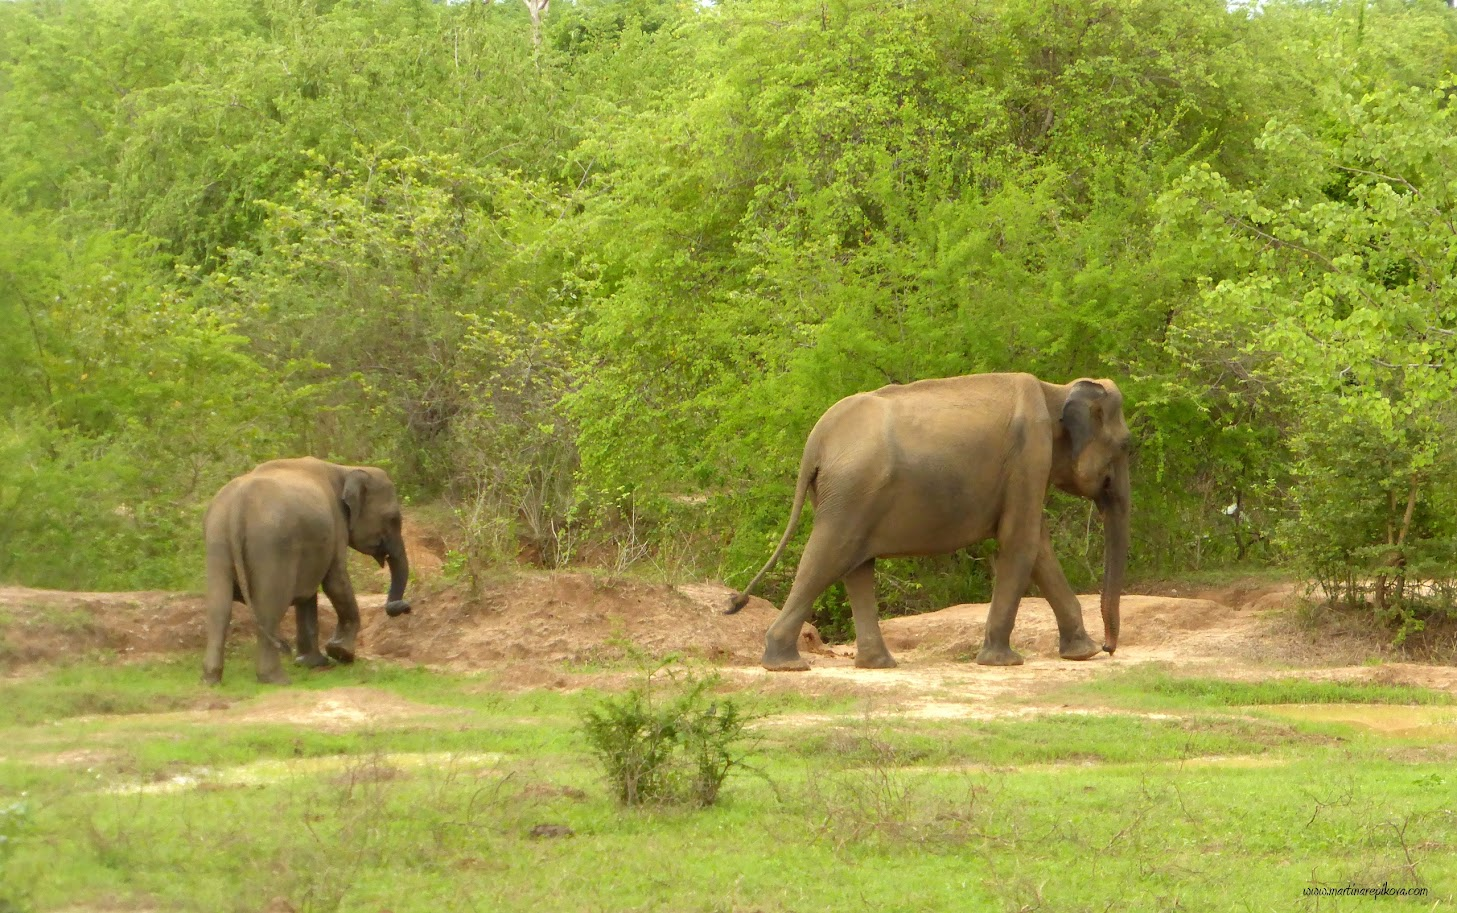 Elephants, Uda Walawe, Sri Lanka